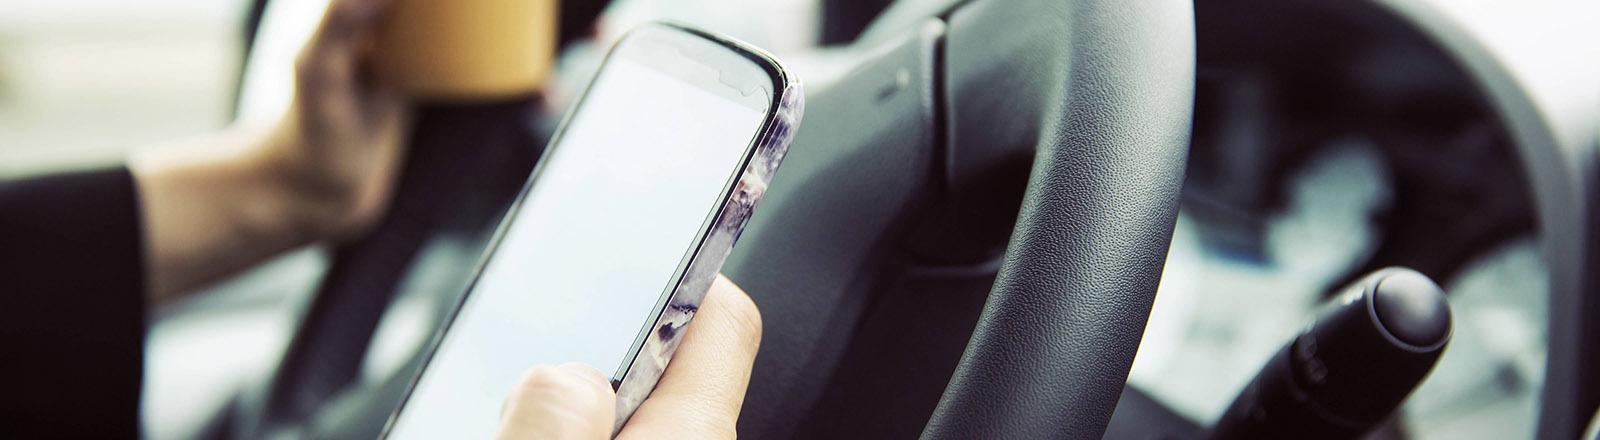 Eine Frau hält ihr Smartphone und einen Kaffeebecher hinter dem Lenkrad in der Hand.